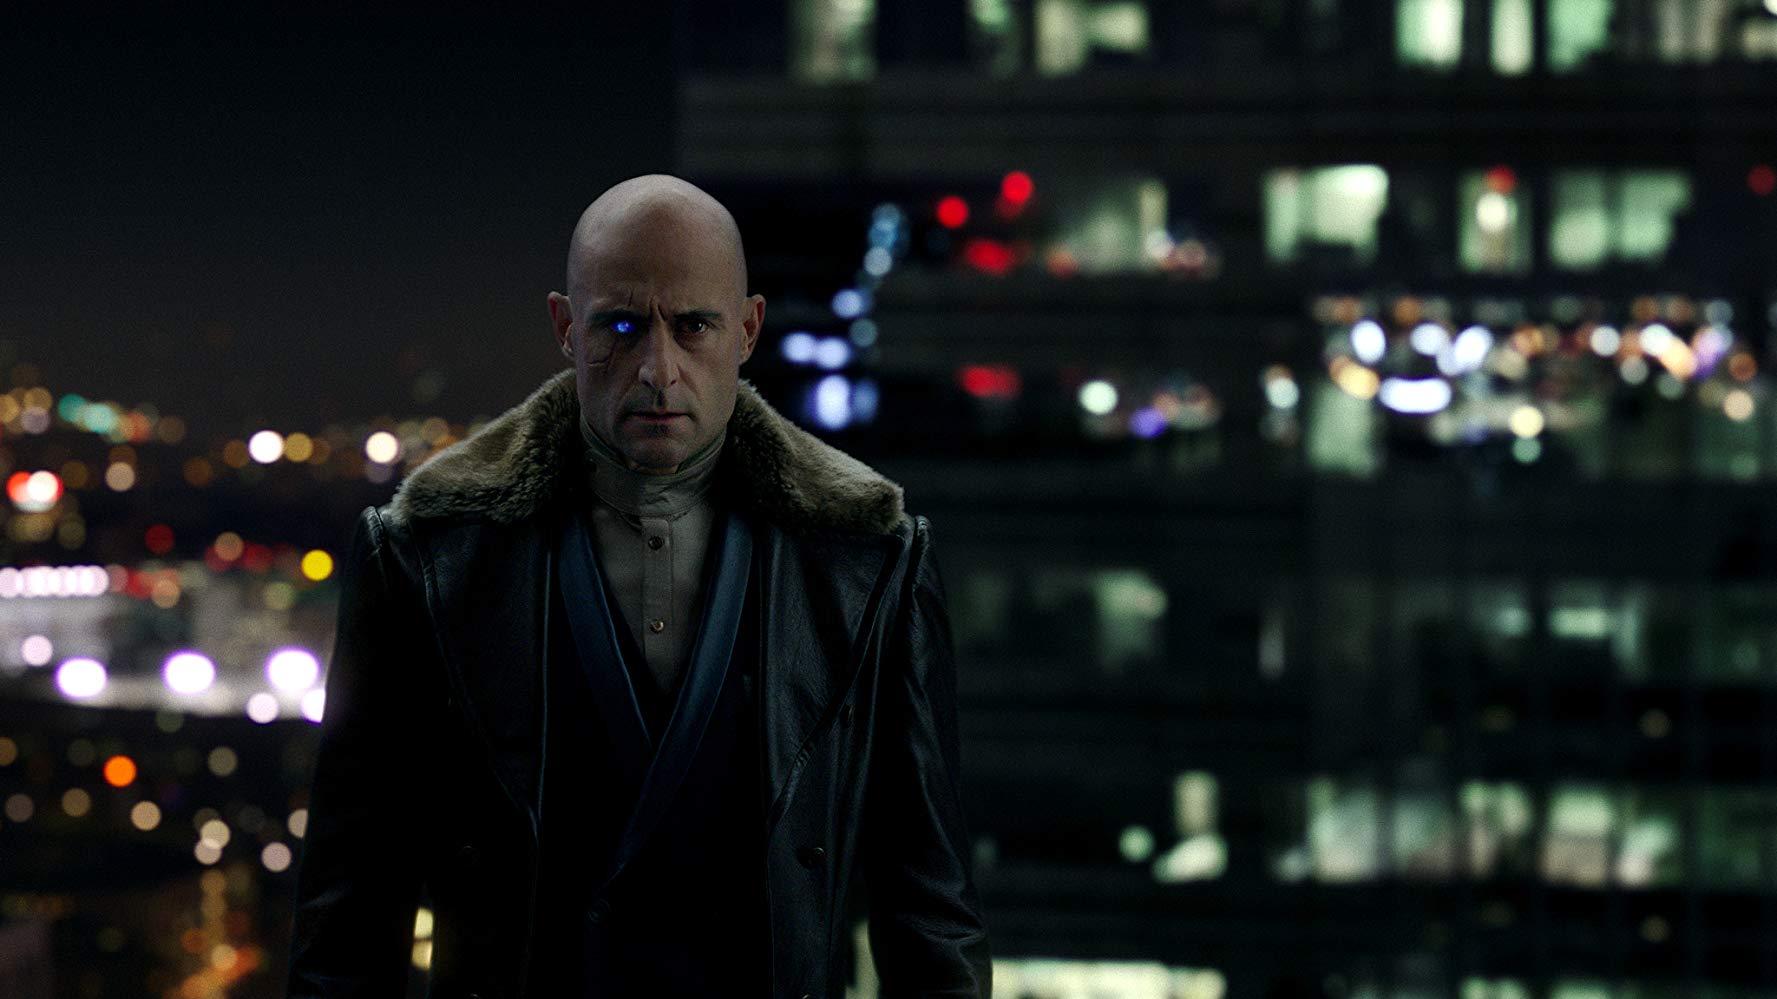 Mark Strong se la cava bene nel ruolo del villain e forse avrebbe meritato più respiro.